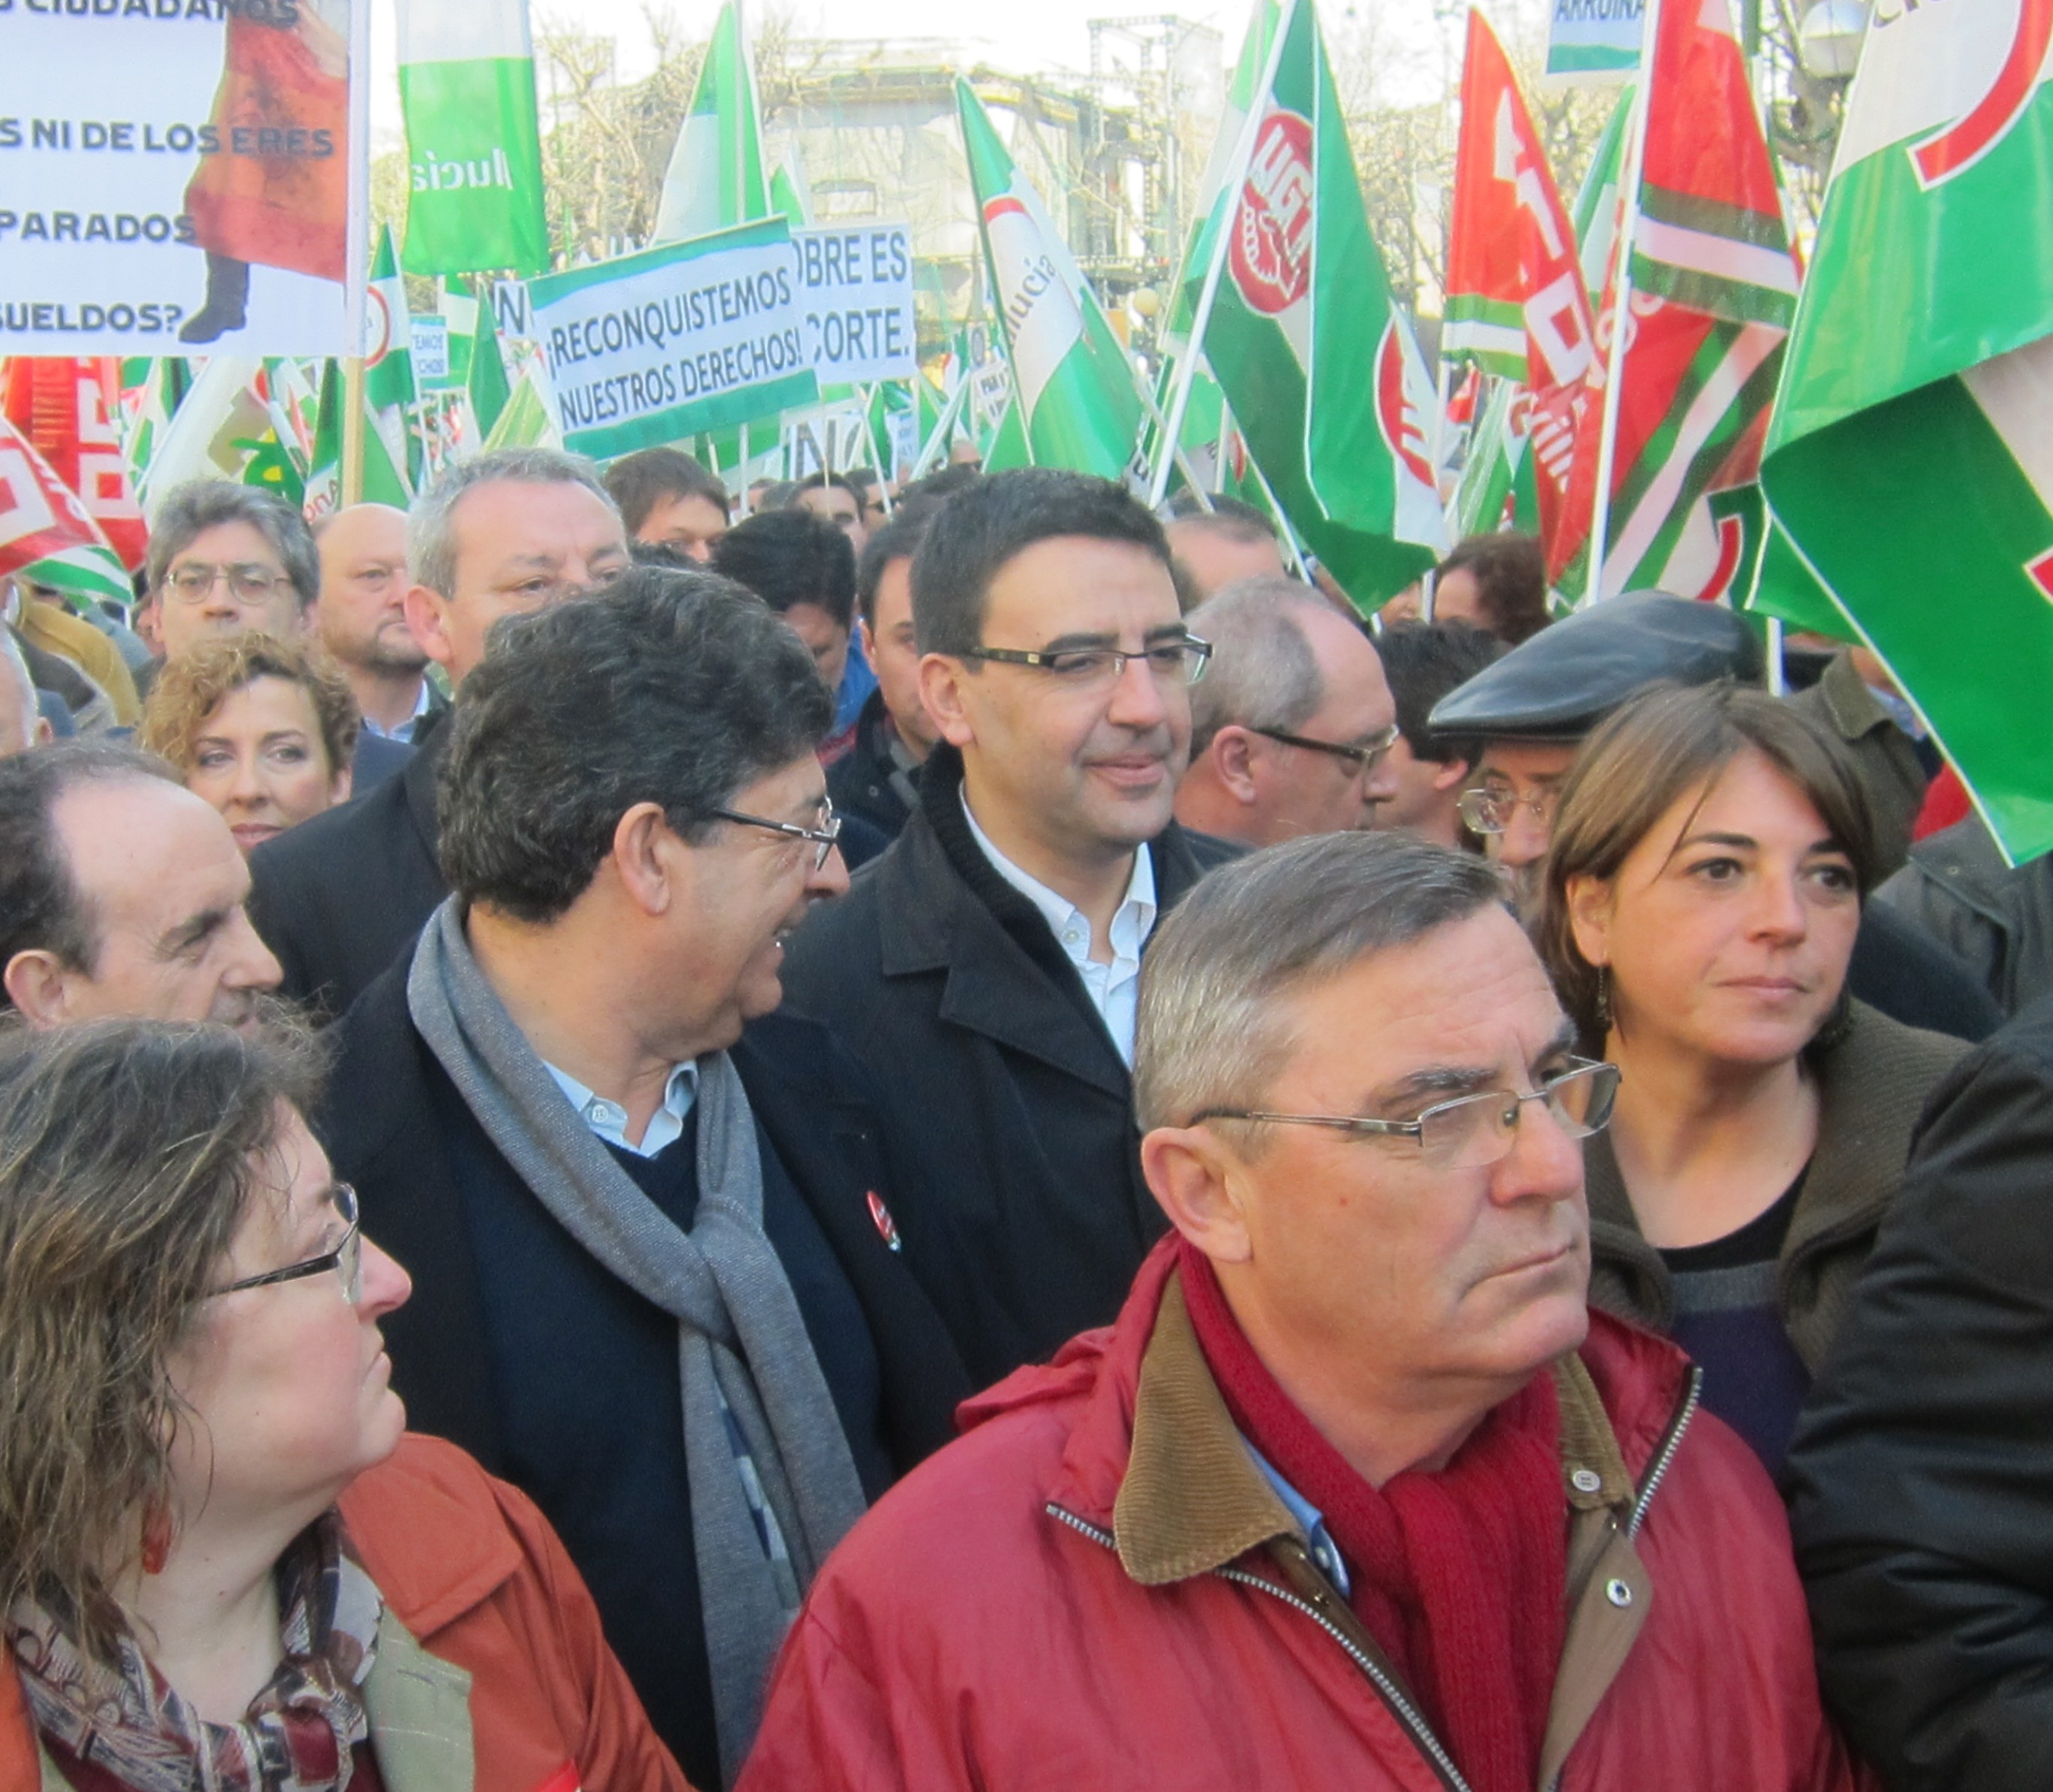 PSOE-A: Las marchas del 28F prueban que Andalucía «no respalda el camino del PP», que «rechaza el autogobierno» andaluz